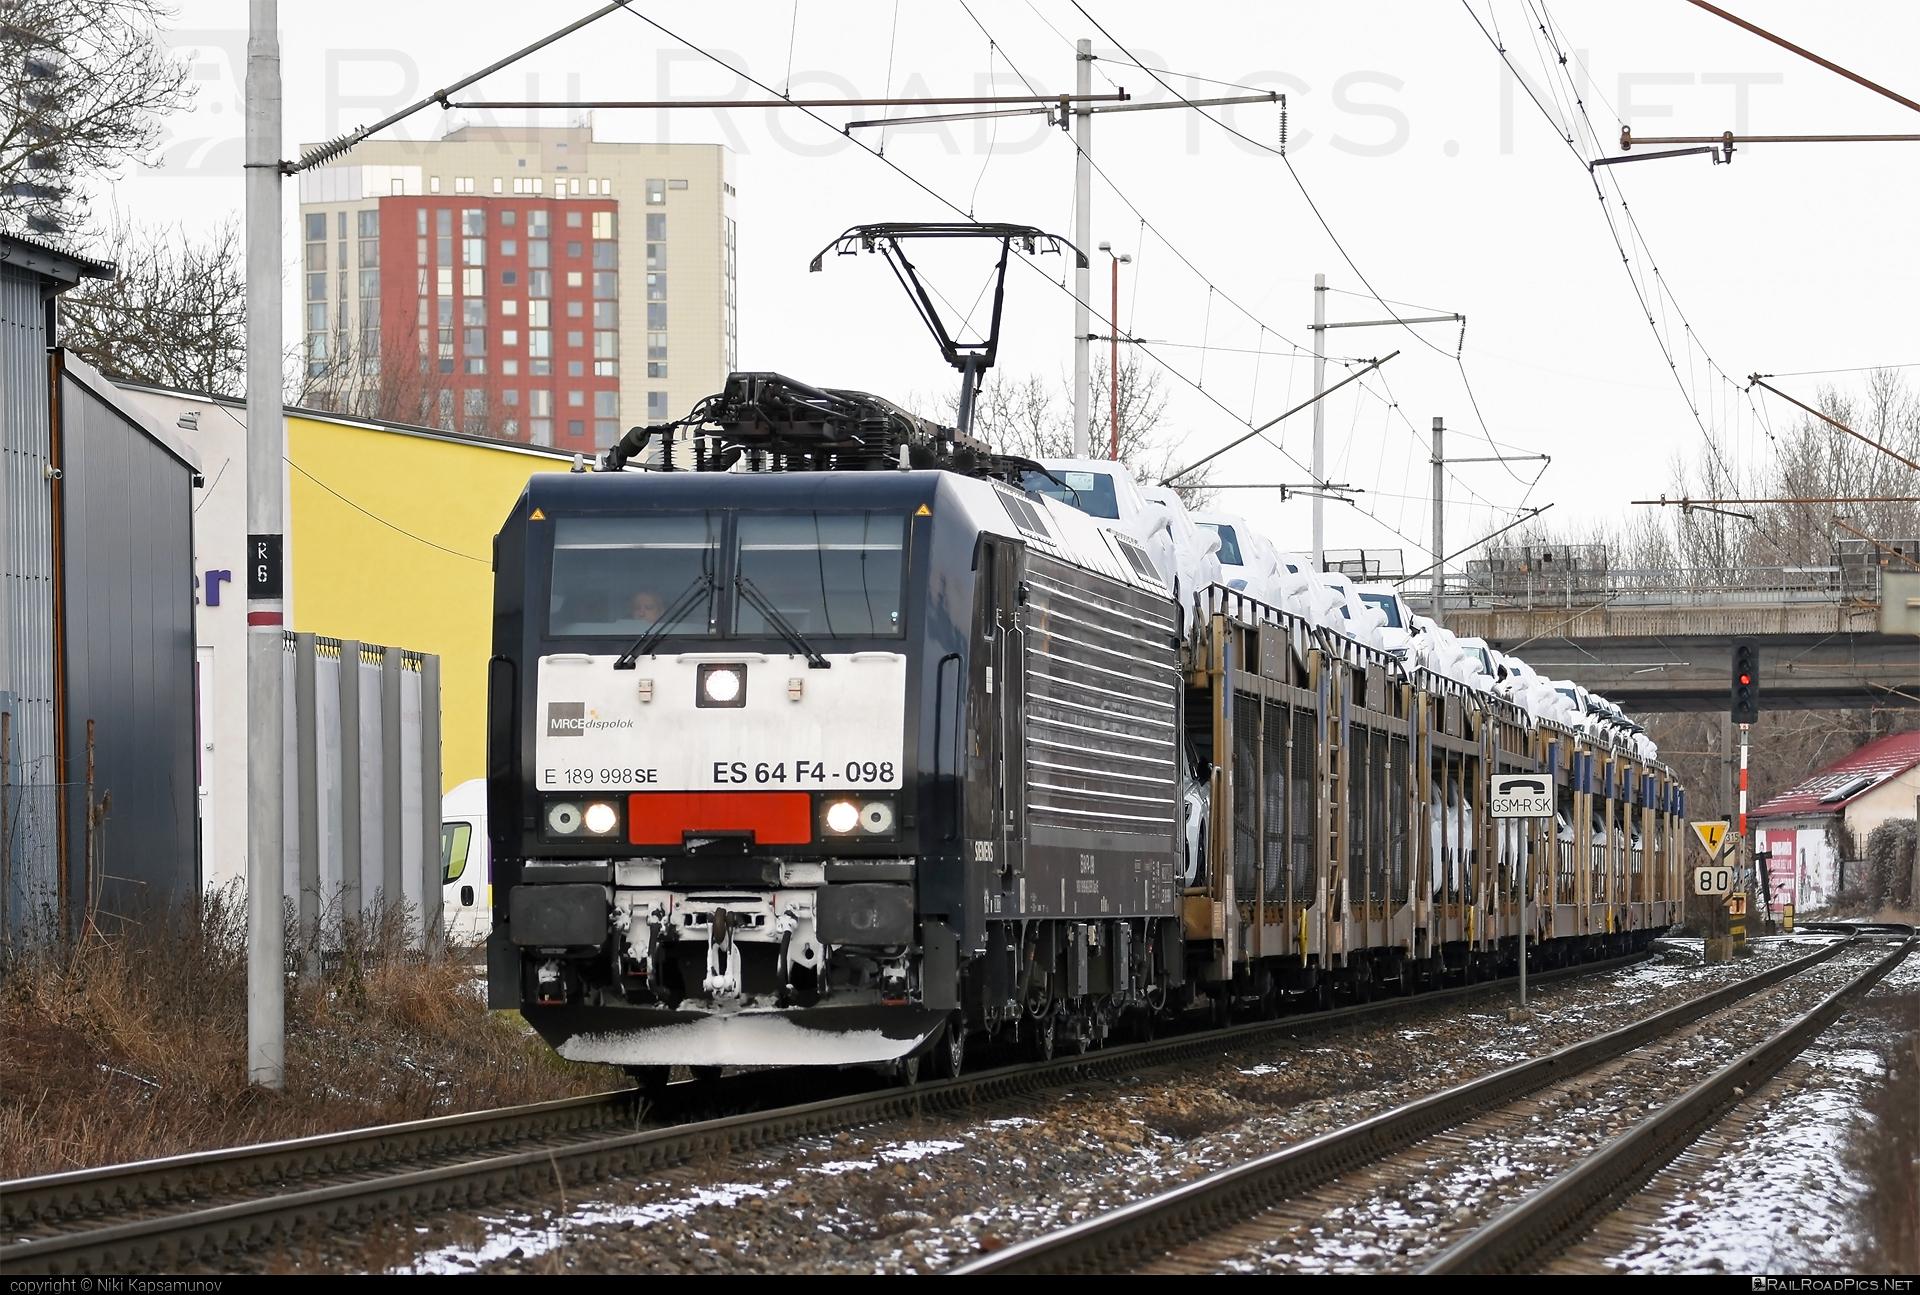 Siemens ES 64 F4 - 189 998-8 operated by ecco-rail GmbH #carcarrierwagon #dispolok #eccorail #eccorailgmbh #es64 #es64f4 #eurosprinter #mitsuirailcapitaleurope #mitsuirailcapitaleuropegmbh #mrce #siemens #siemenses64 #siemenses64f4